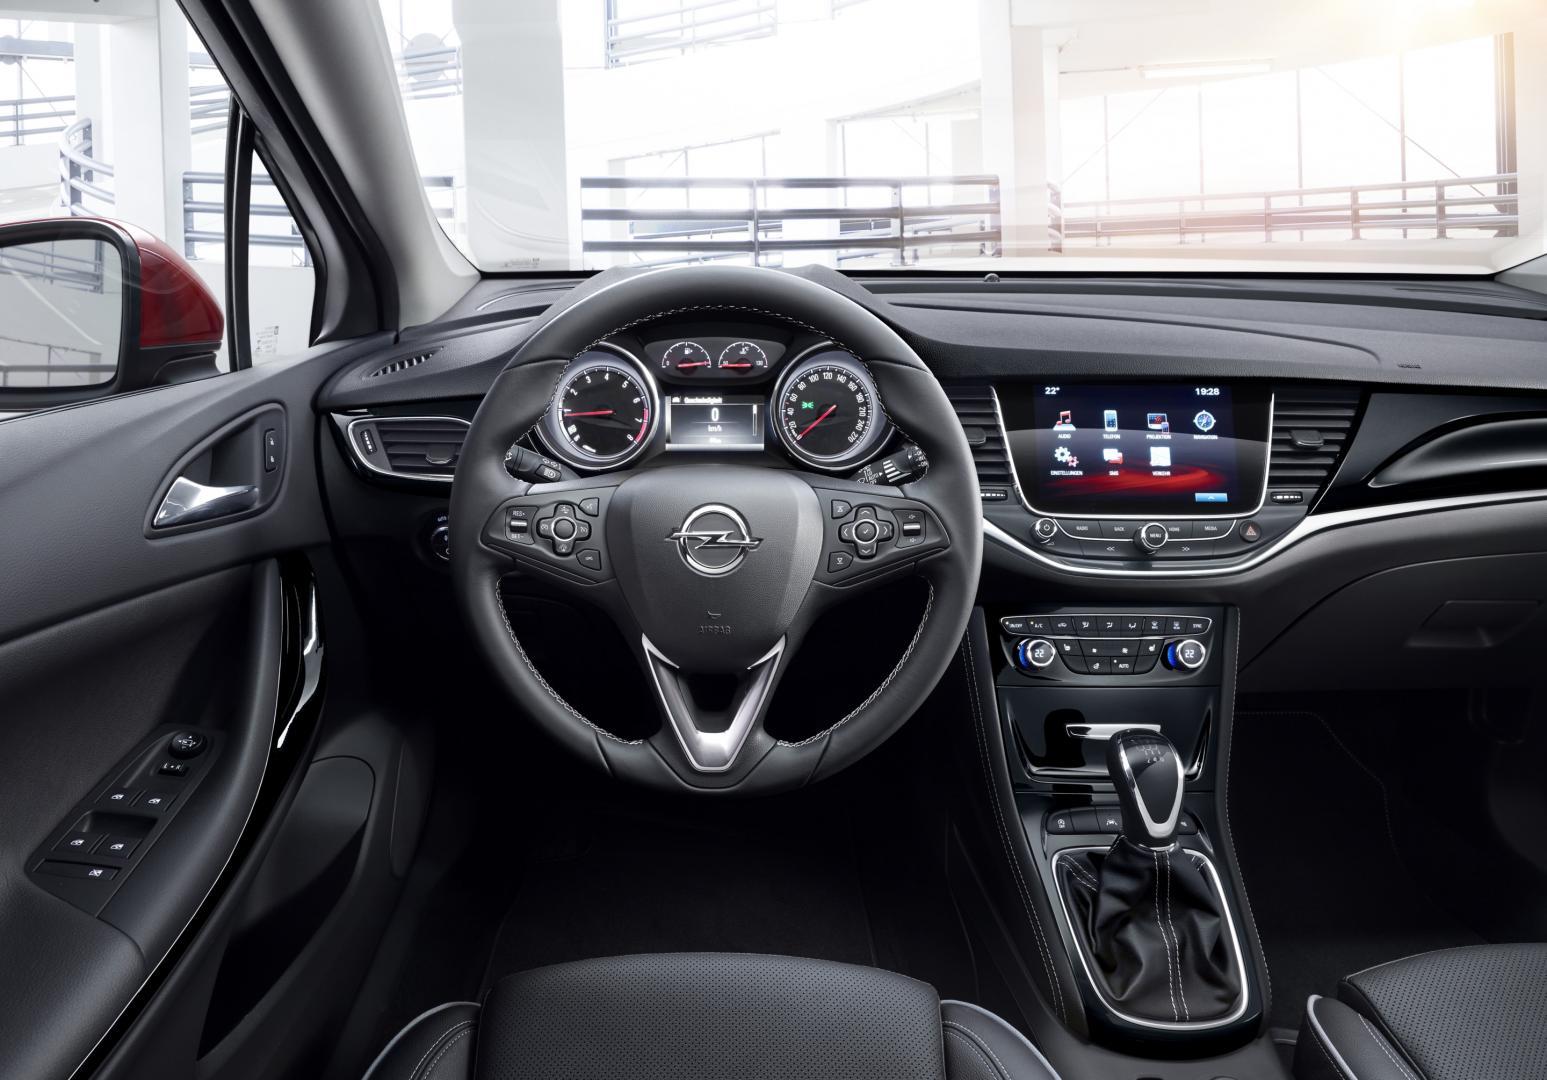 Opel astra 1e rij indruk topgear for Interior opel corsa 2017